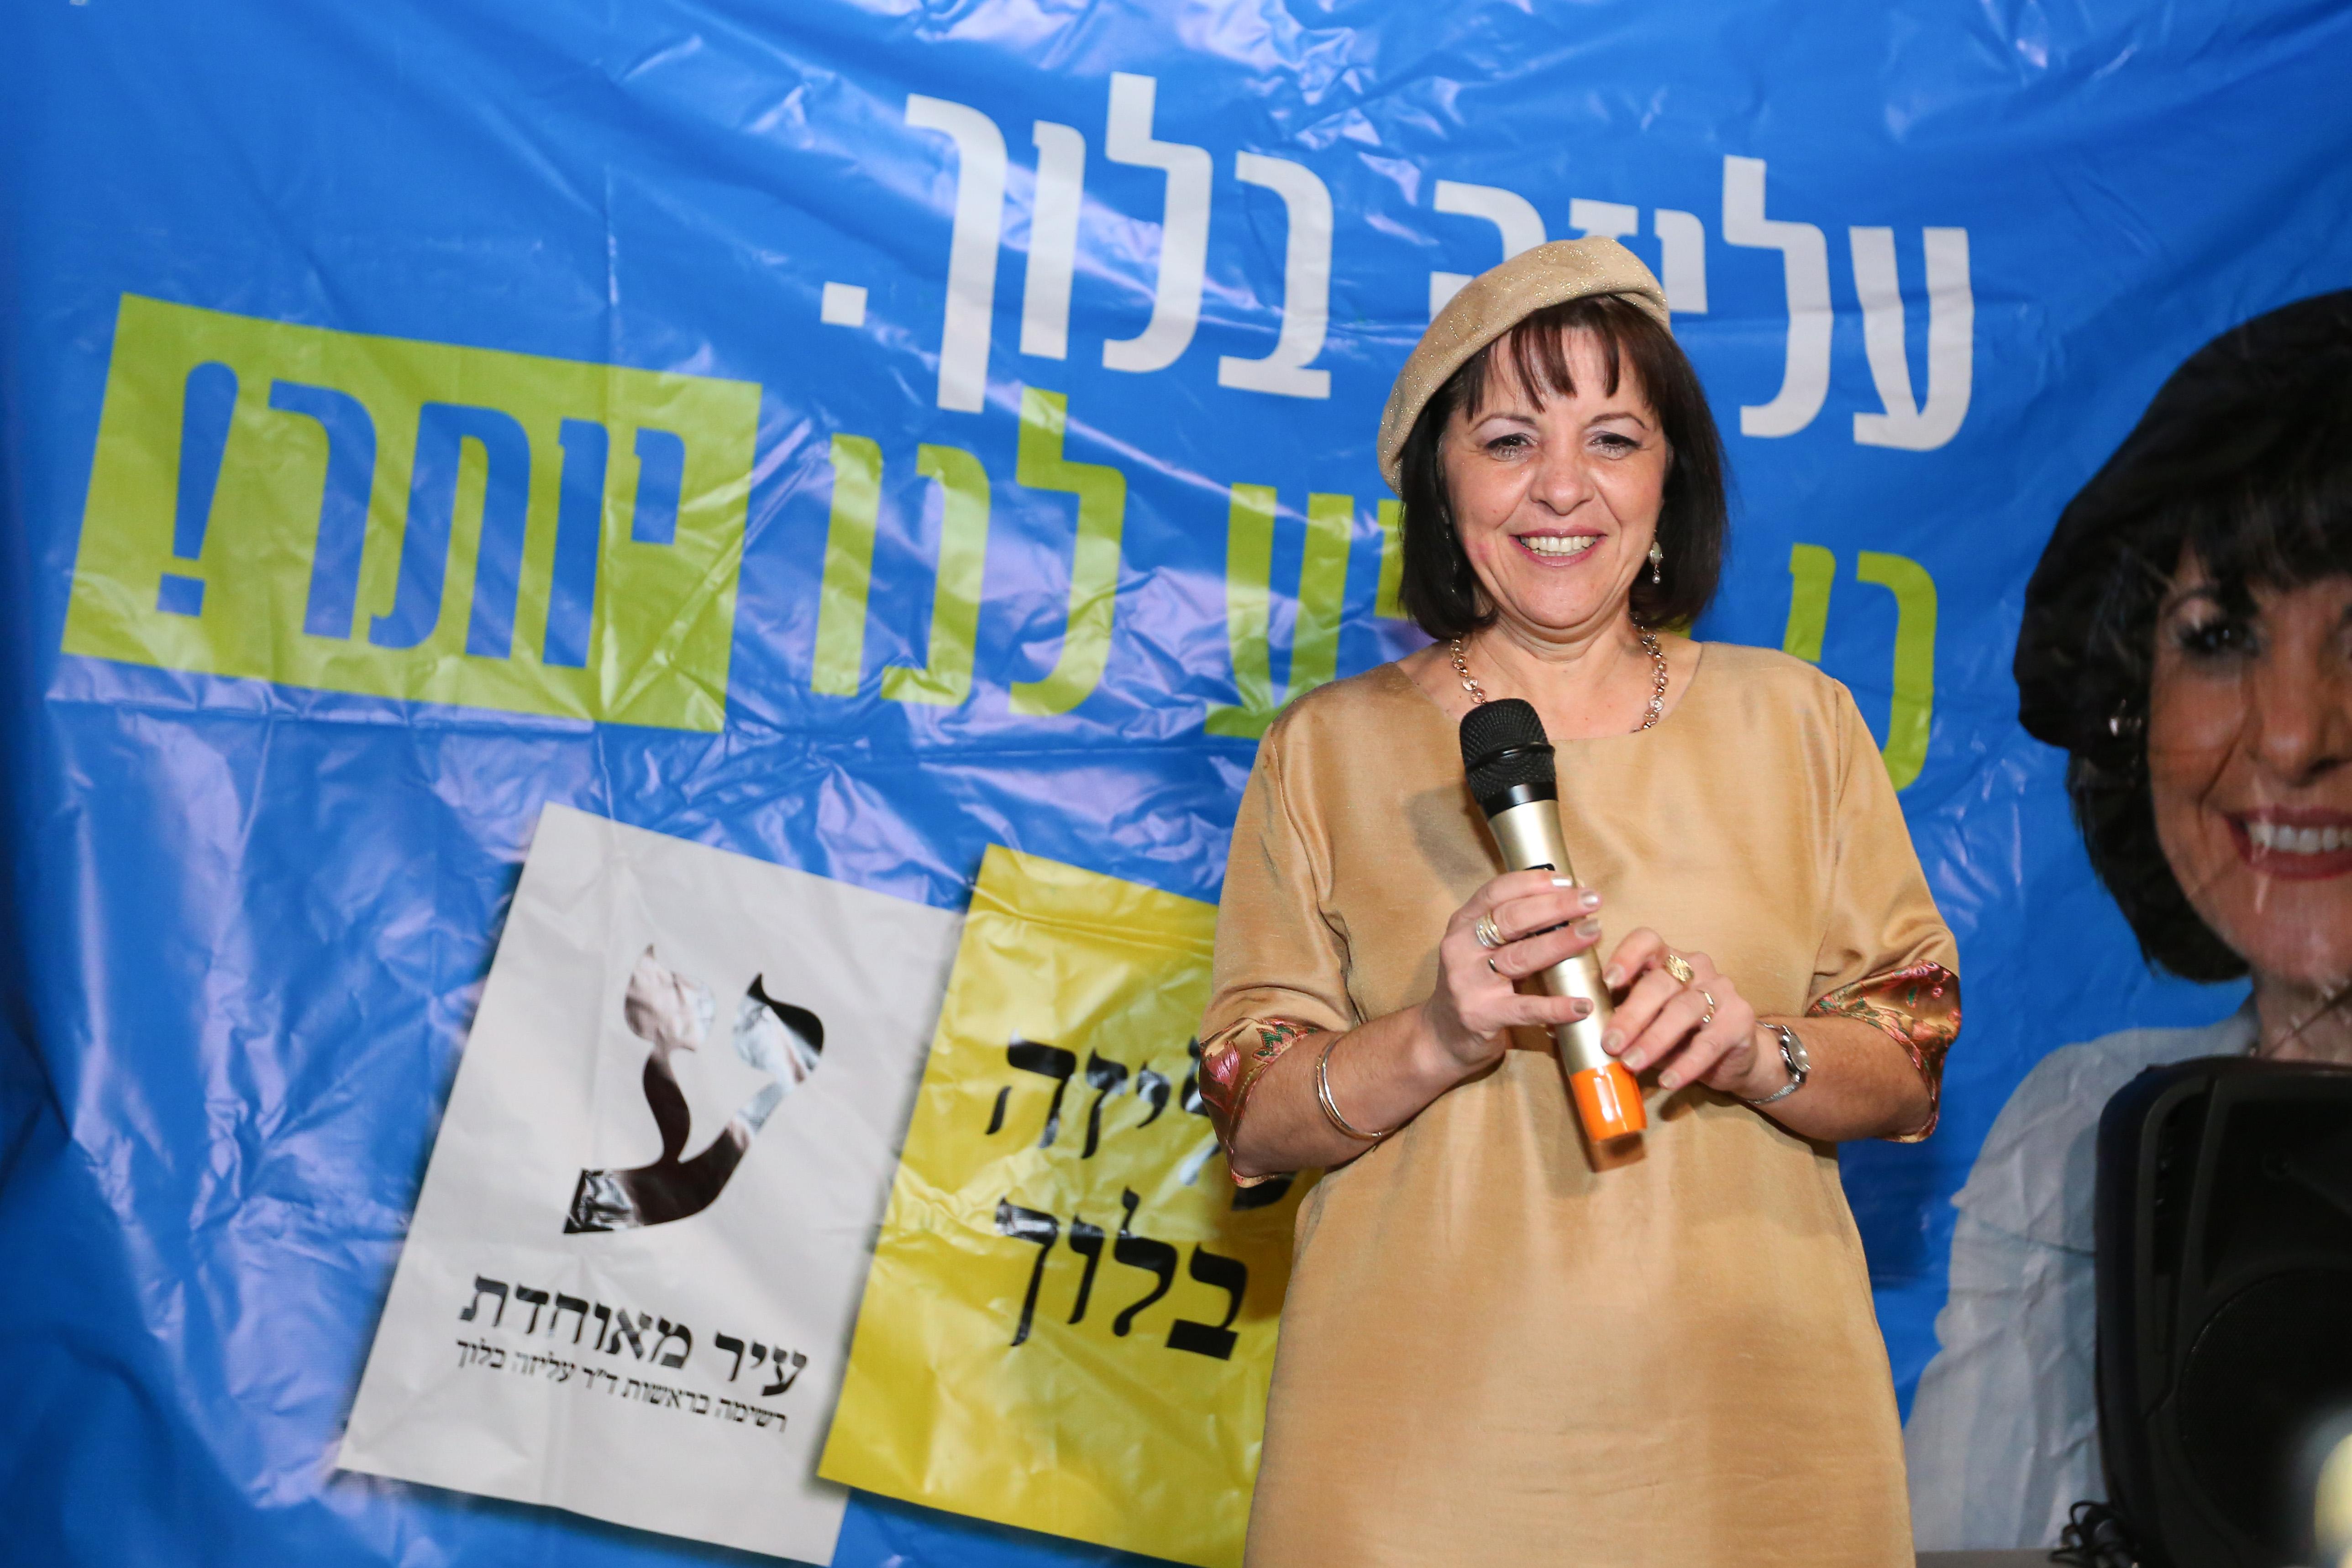 Beit Shemesh Women: Beit Shemesh 'Revolution' Sees